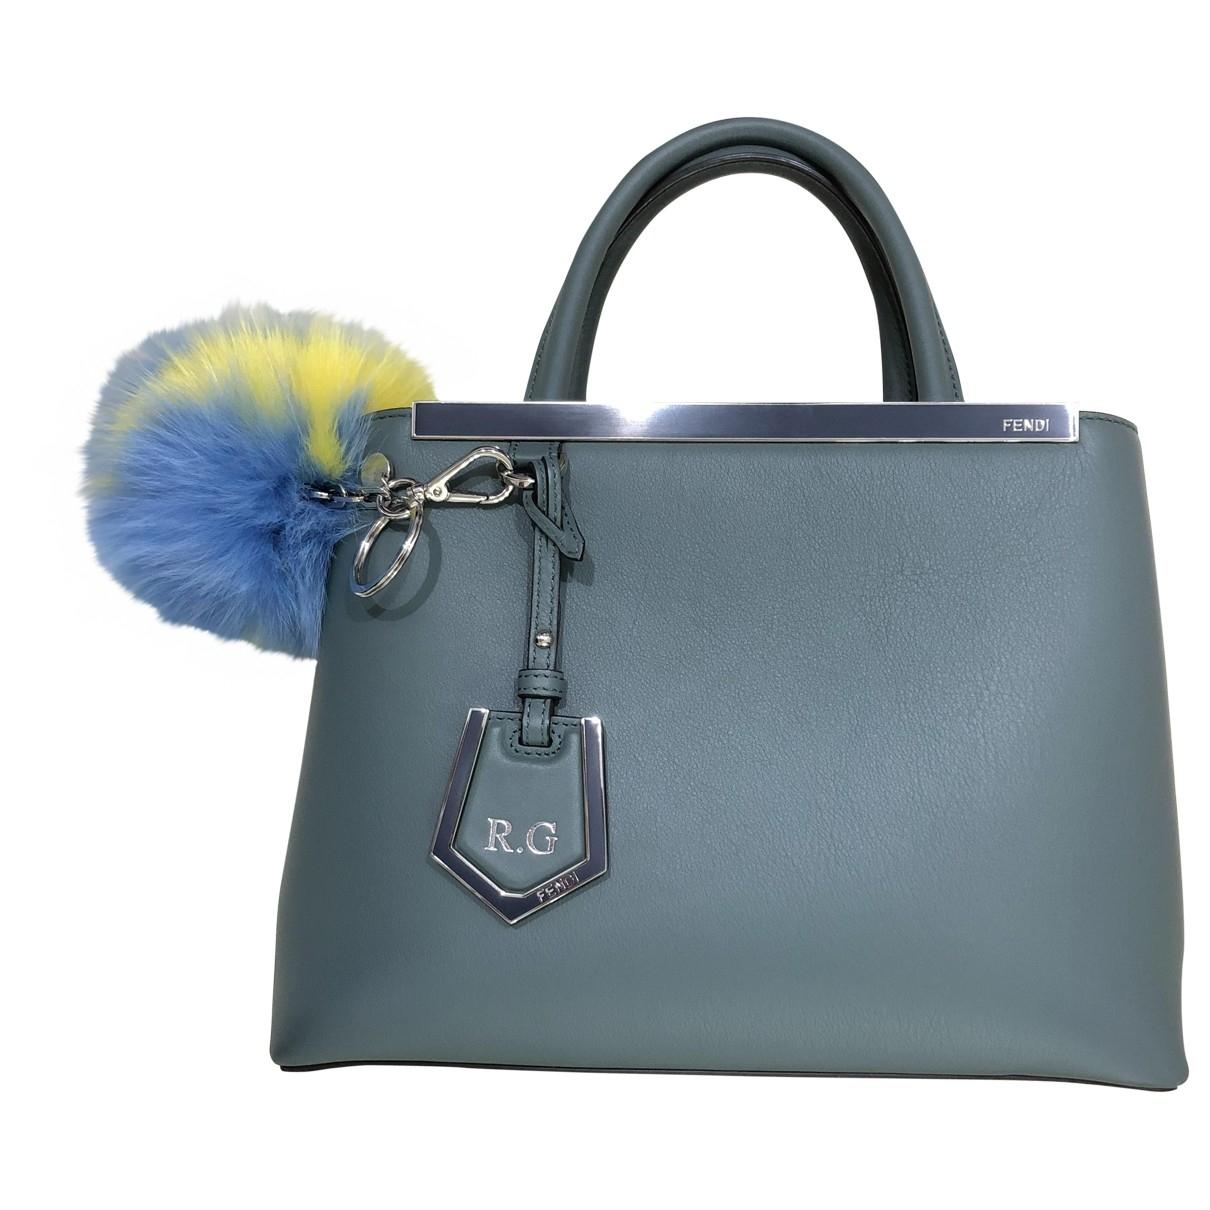 Fendi 2Jours Green Leather handbag for Women \N